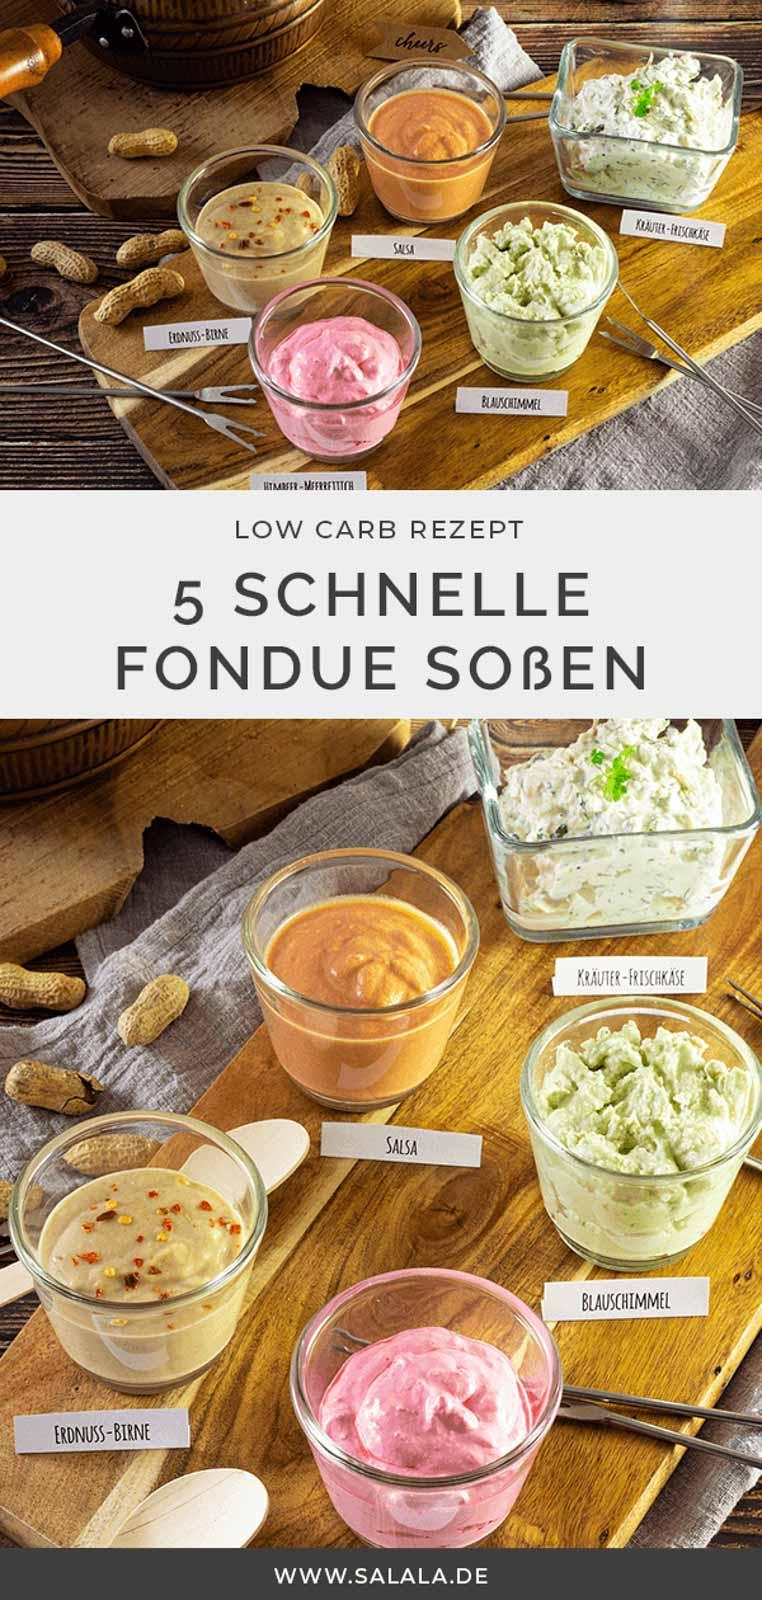 Fondue ist ein typisches Silvester Essen. Und für Fondues braucht man Soßen. Mindestens 5 und deswegen haben wir hier auf 5 einfache und schnell gemachte Fondue Soßen. Ganz einfach ohne Zucker. Ganz einfache Low Carb Rezepte damit du deine Fondue Soßen schnell selber machen kannst. #fonduesaucen #dipszumgrillen #grillsossen #erdnusssosse #lowcarbsalsa #kraeuterfrischkaese #lowcarbdips